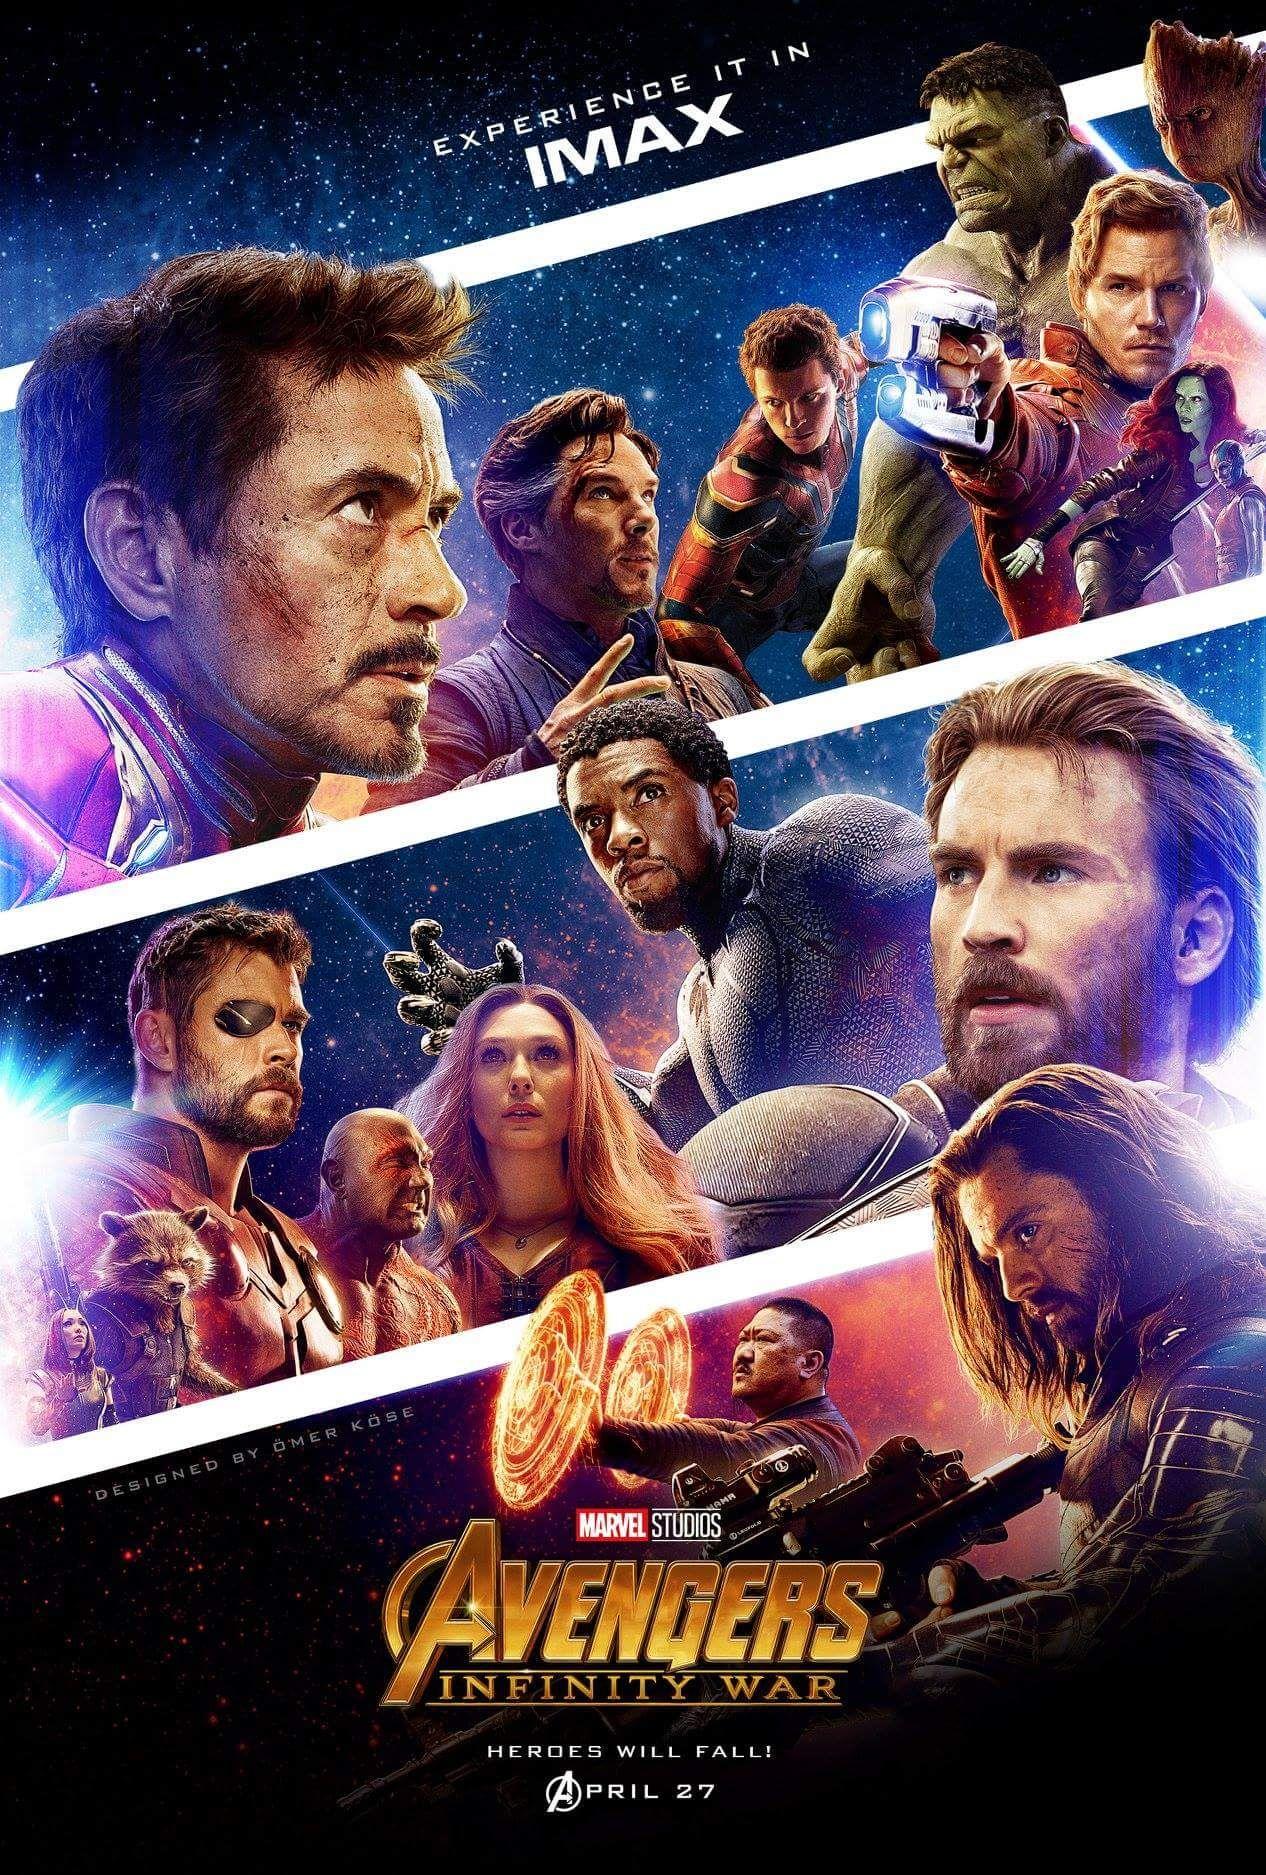 Avengers Infinity War Poster By Omer Kose Avengers Marvel Marvel Superheroes